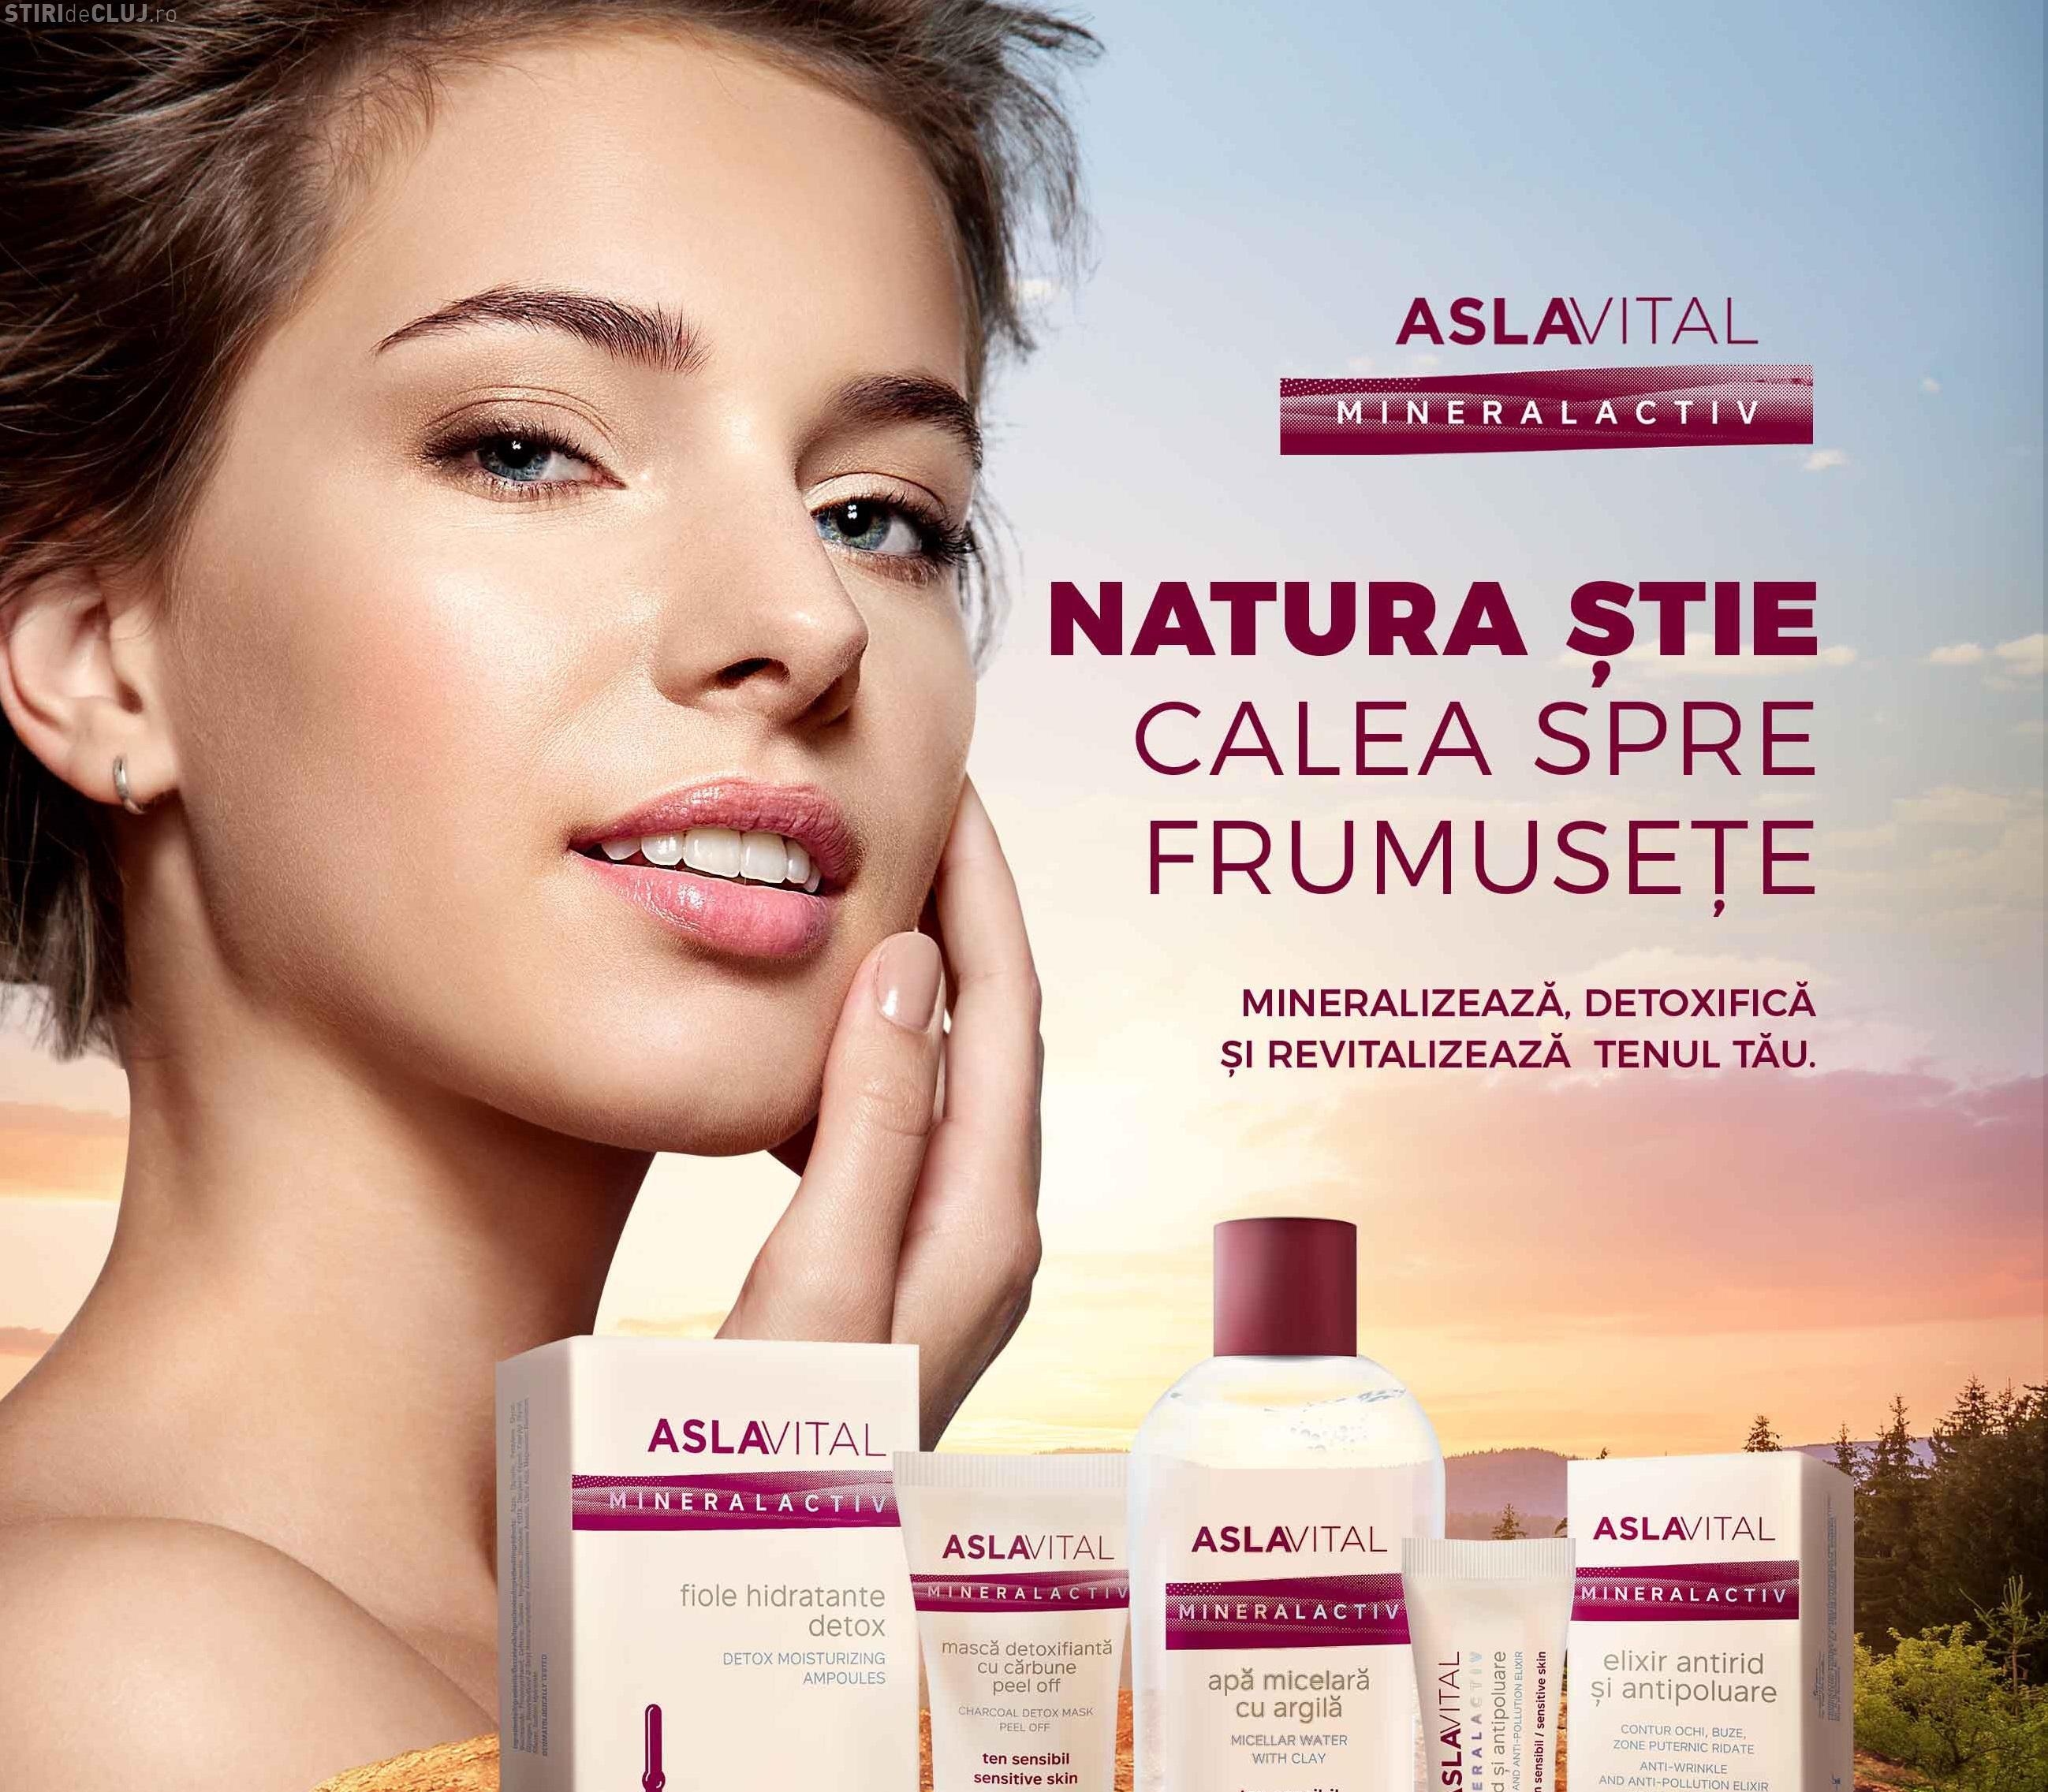 Farmec dezvoltă Aslavital, un brand unic pe piața locală, prin modernizarea gamei Aslavital Mineralactiv (P)